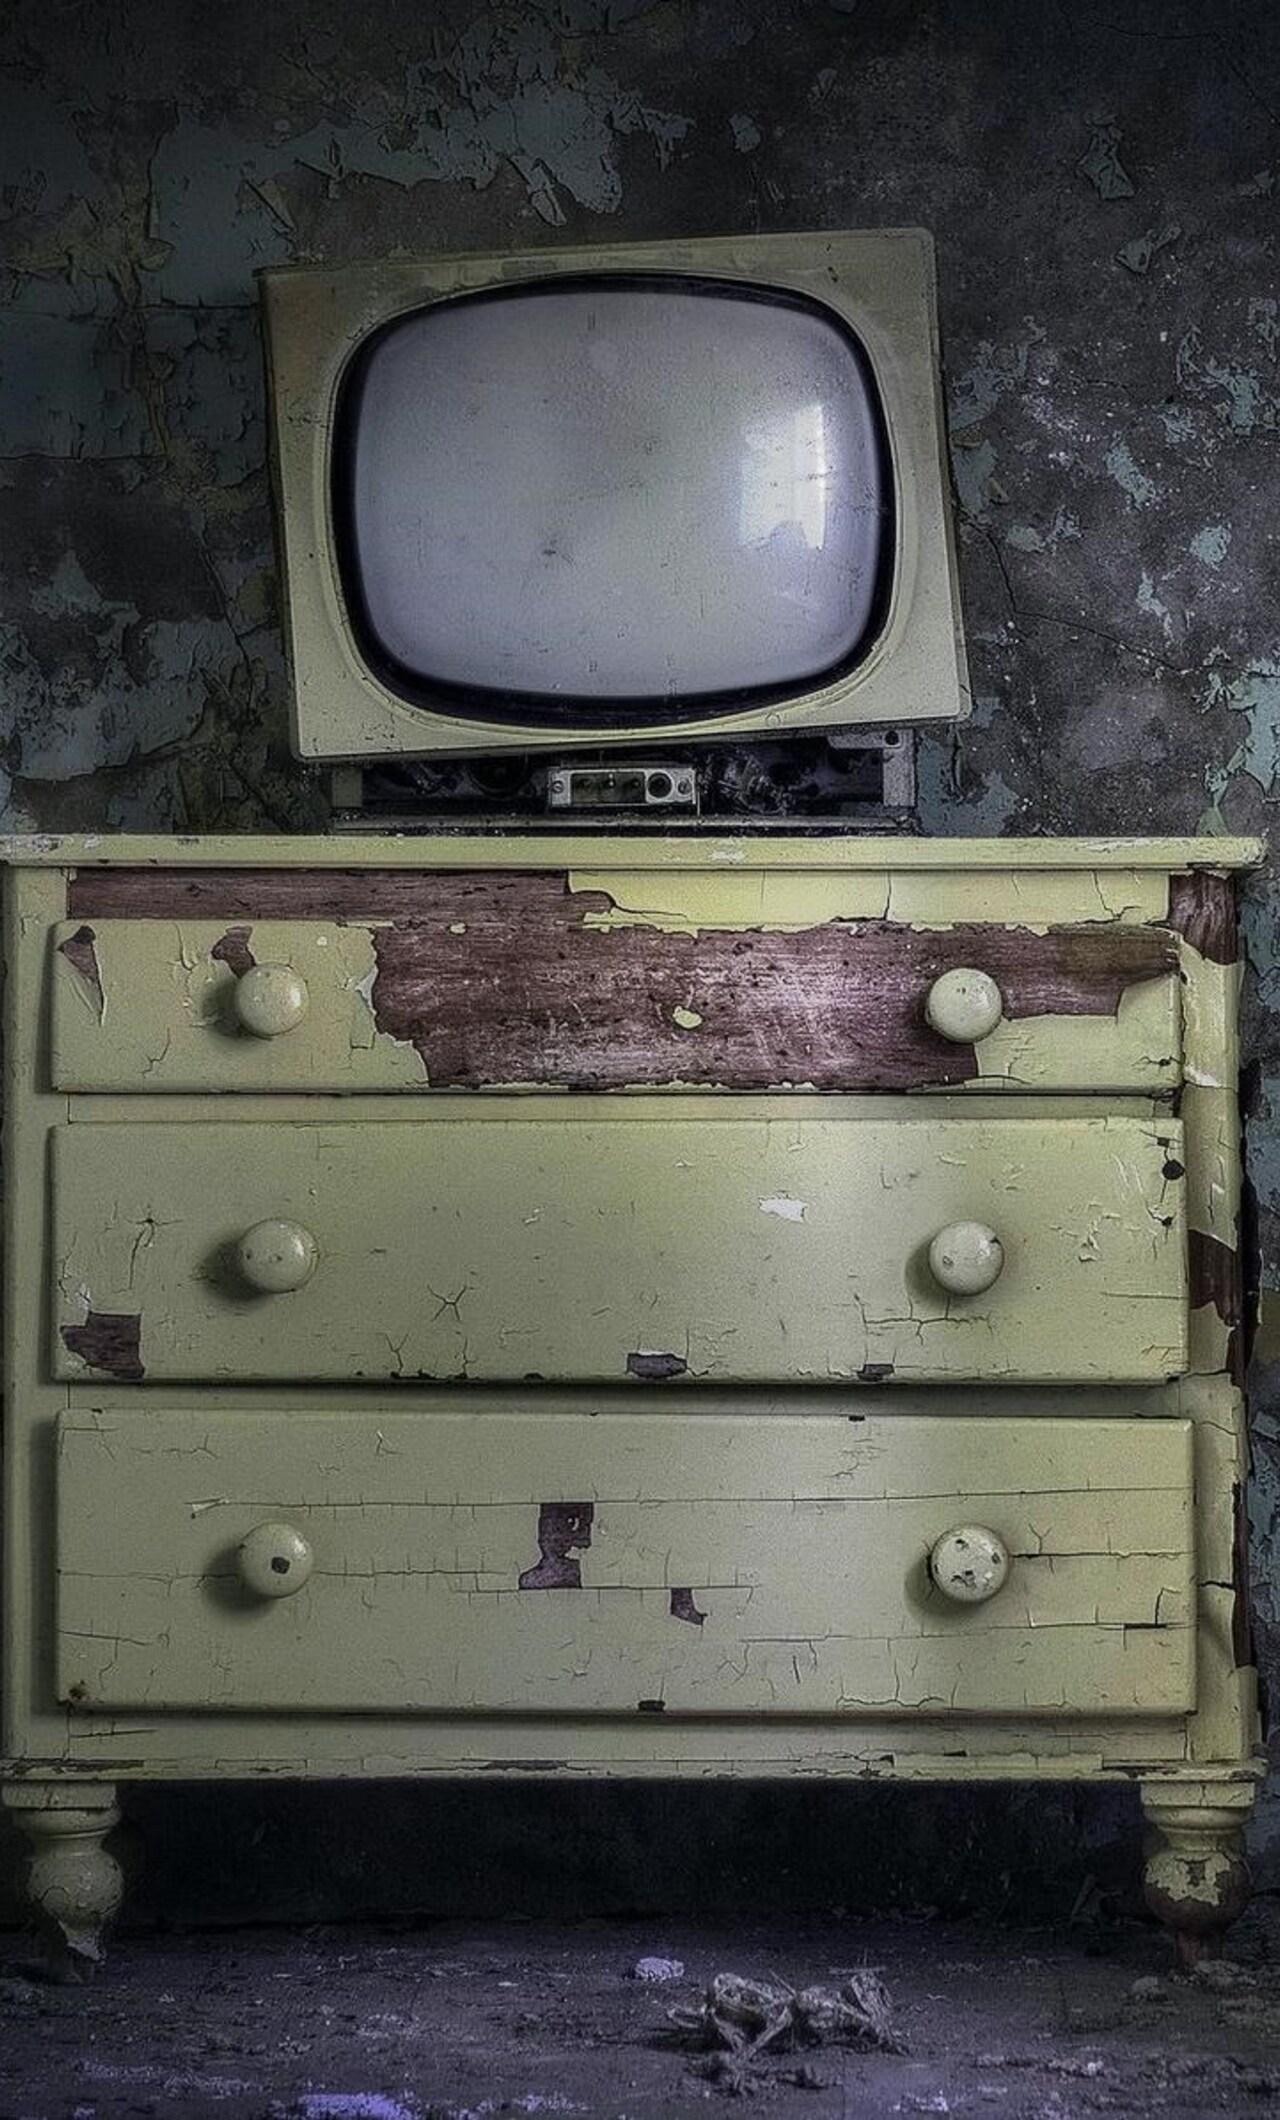 Old Vintage Tv 4k